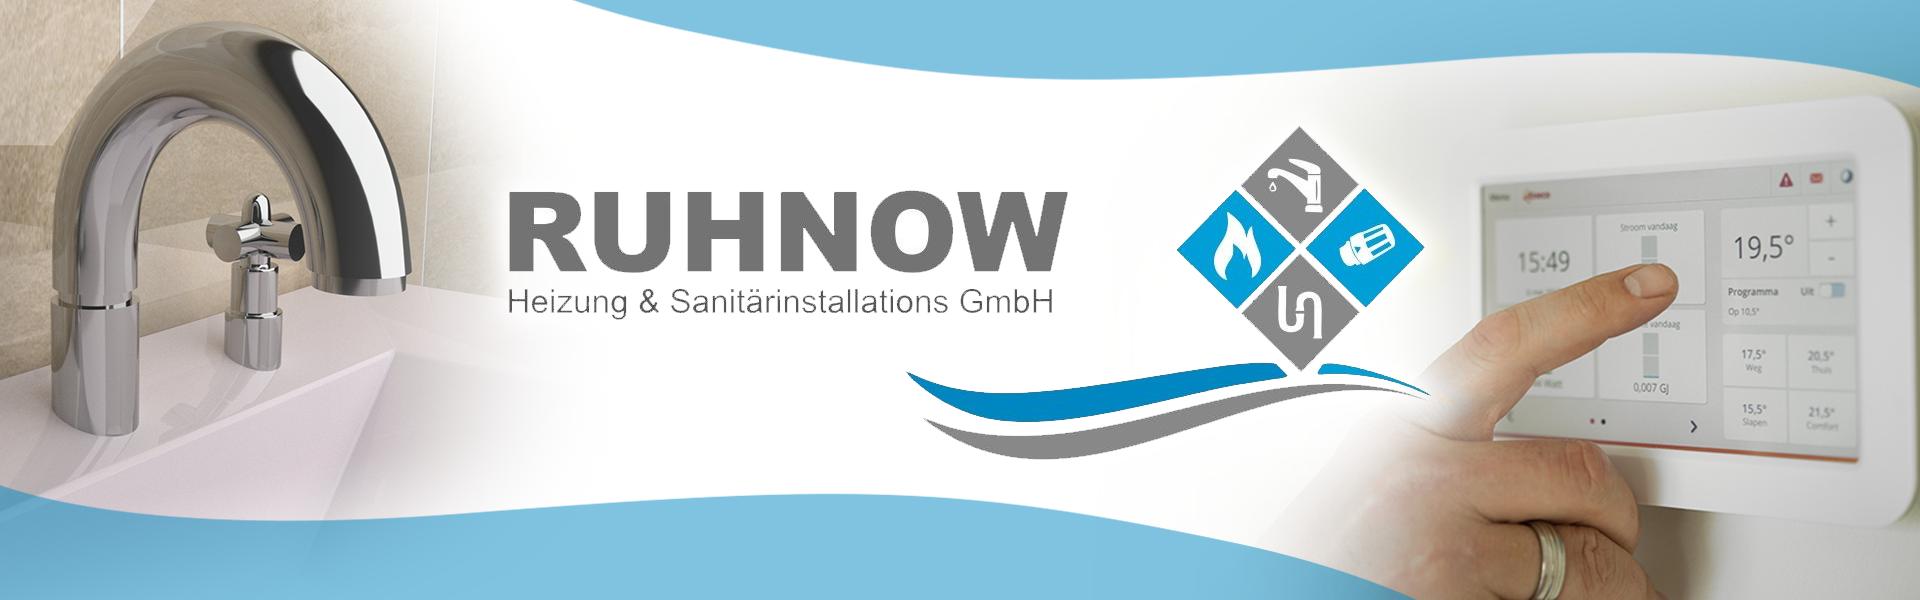 Ruhnow GmbH | Heizung und Sanitär